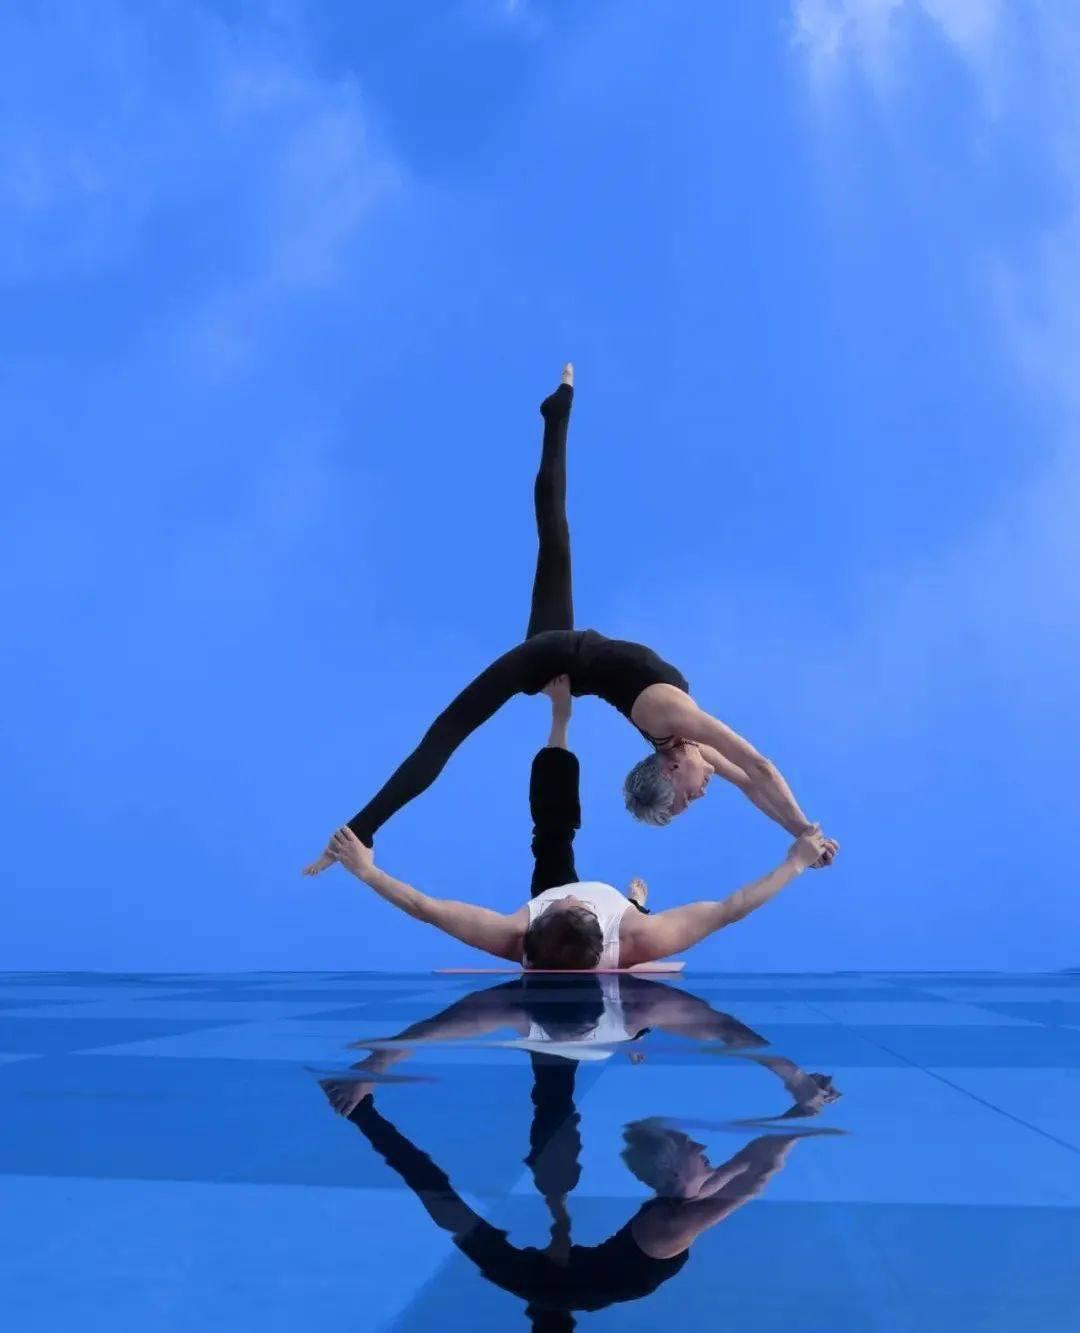 瑜伽VS不瑜伽,10年后差距有多大?_高姐